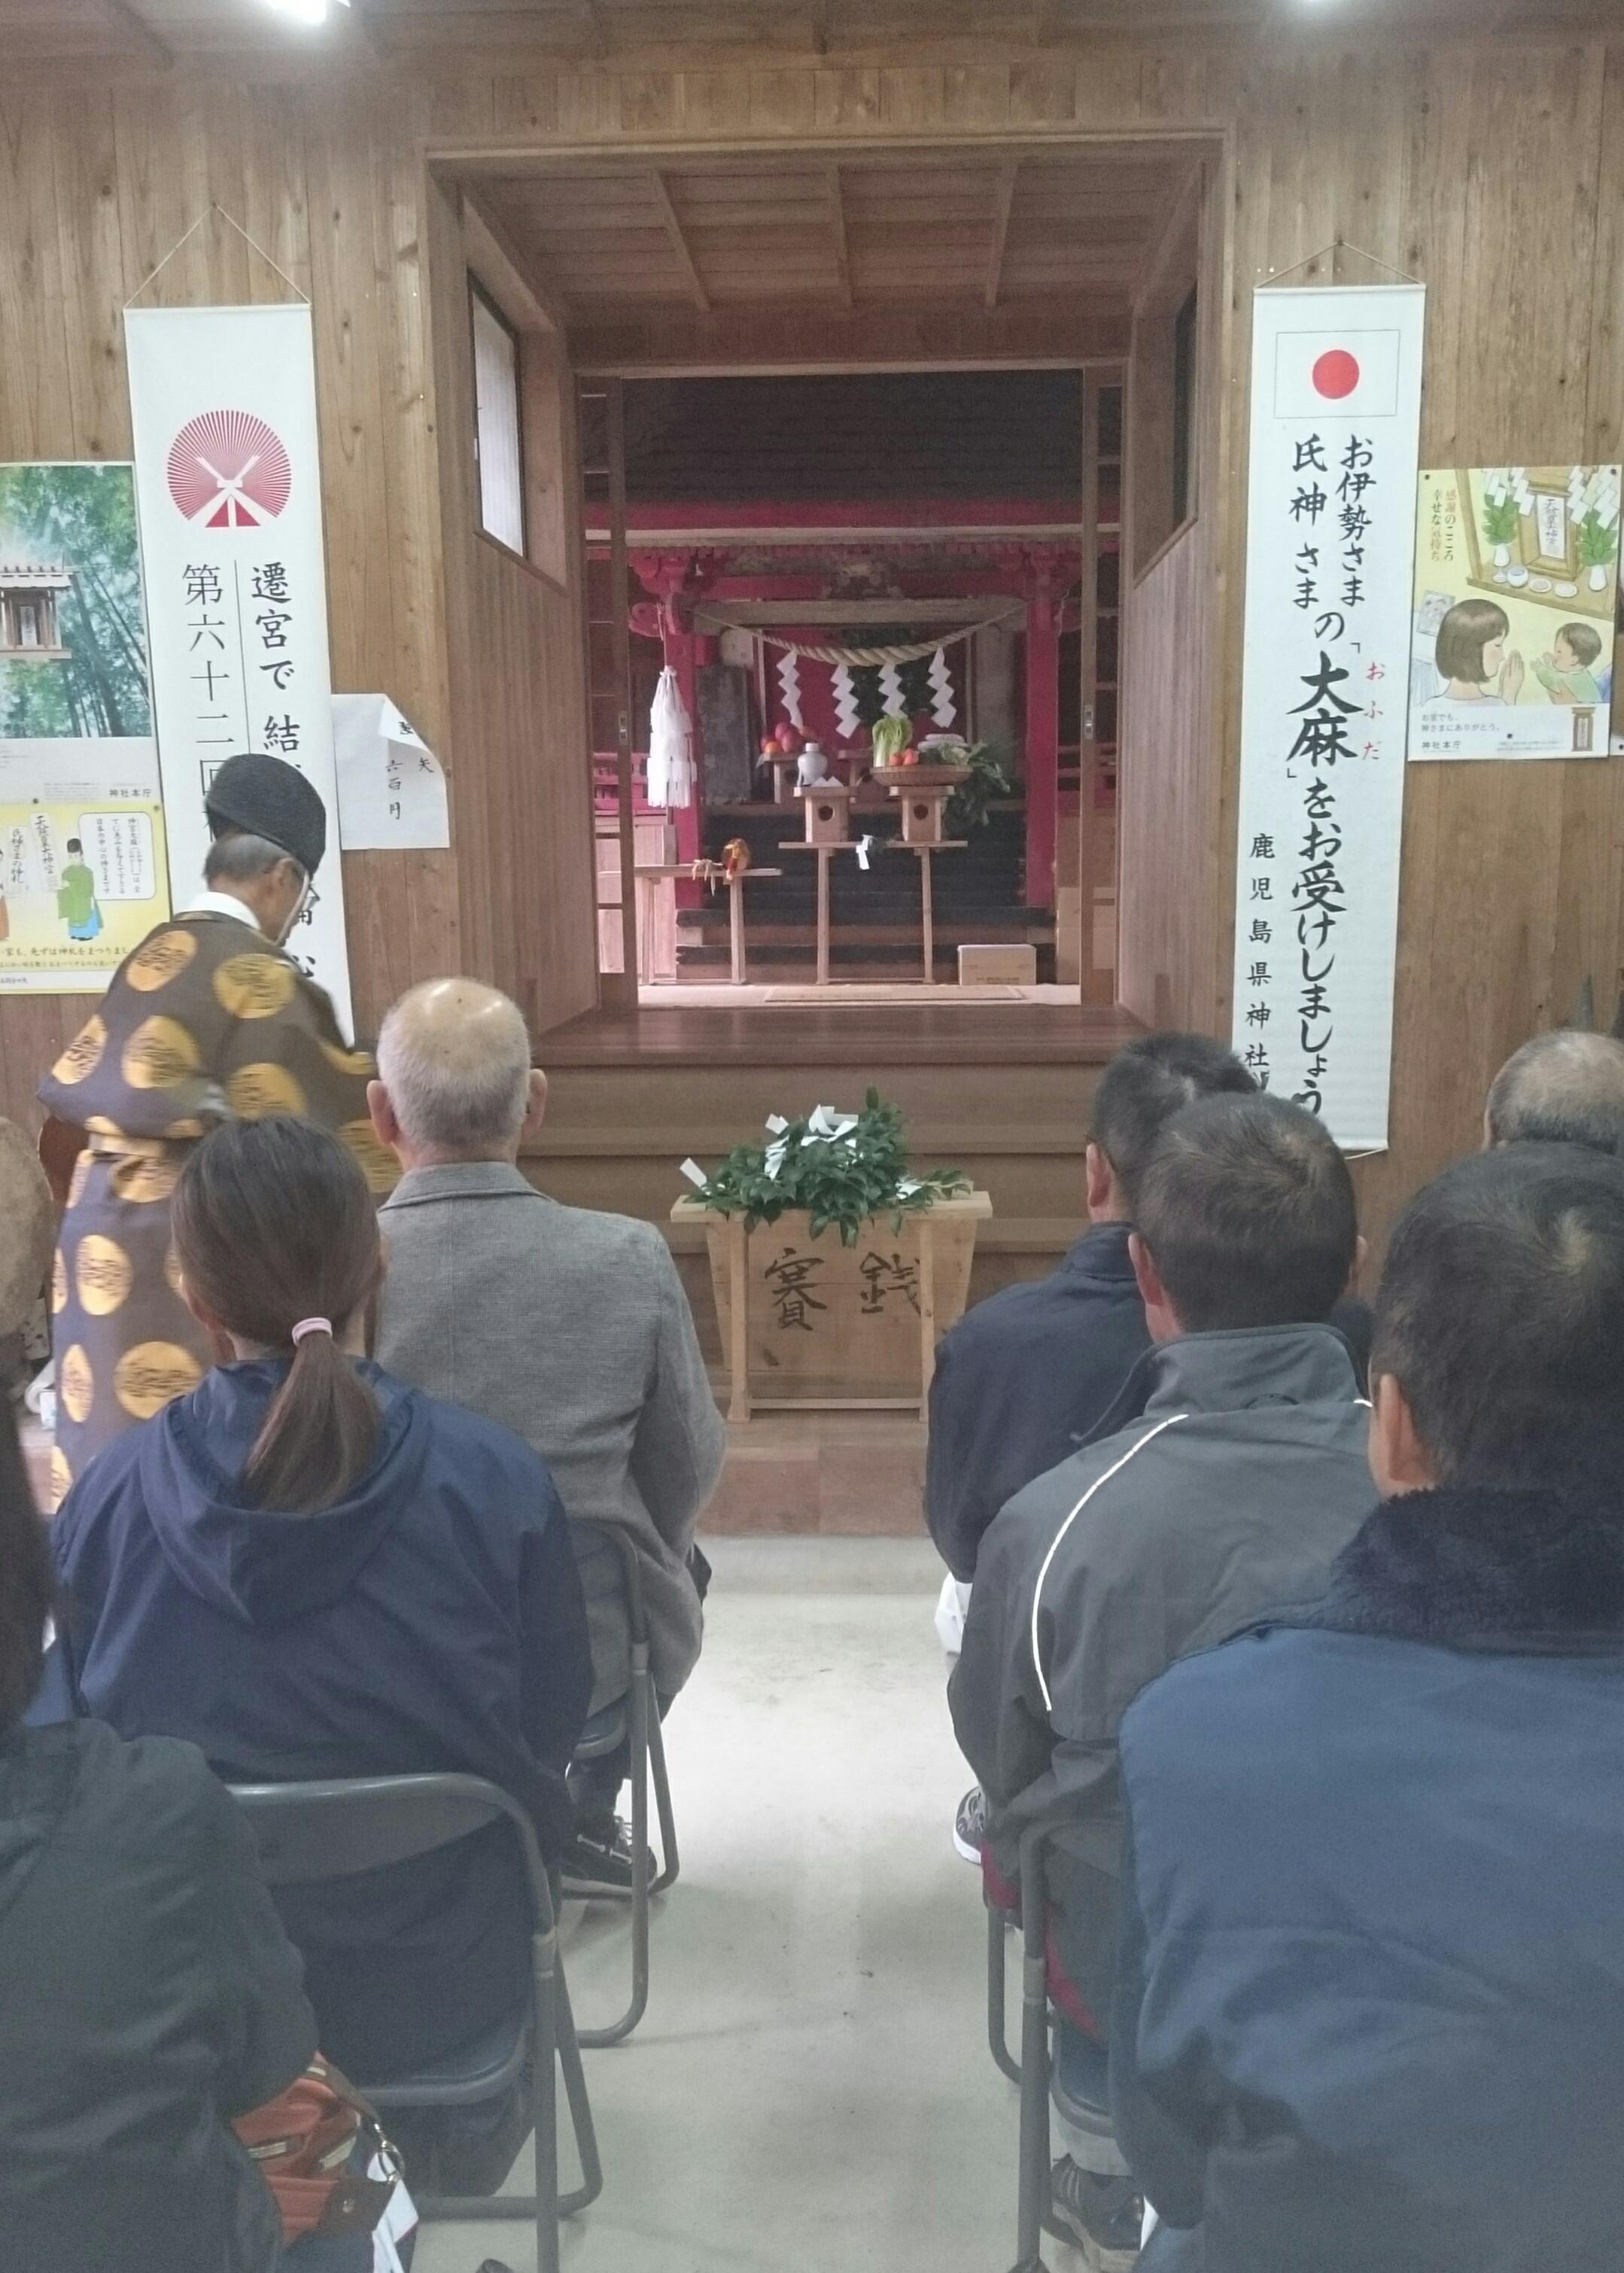 鹿父神社にて